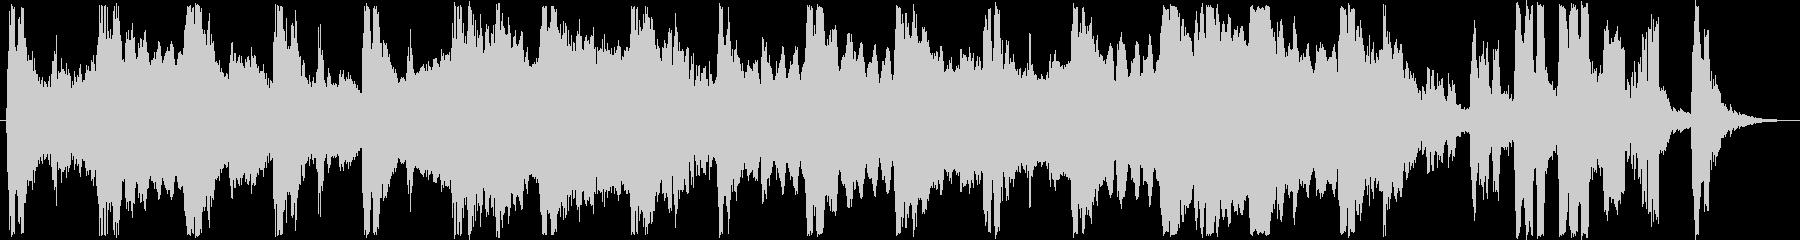 クラシカルなシンセサウンド短めの未再生の波形